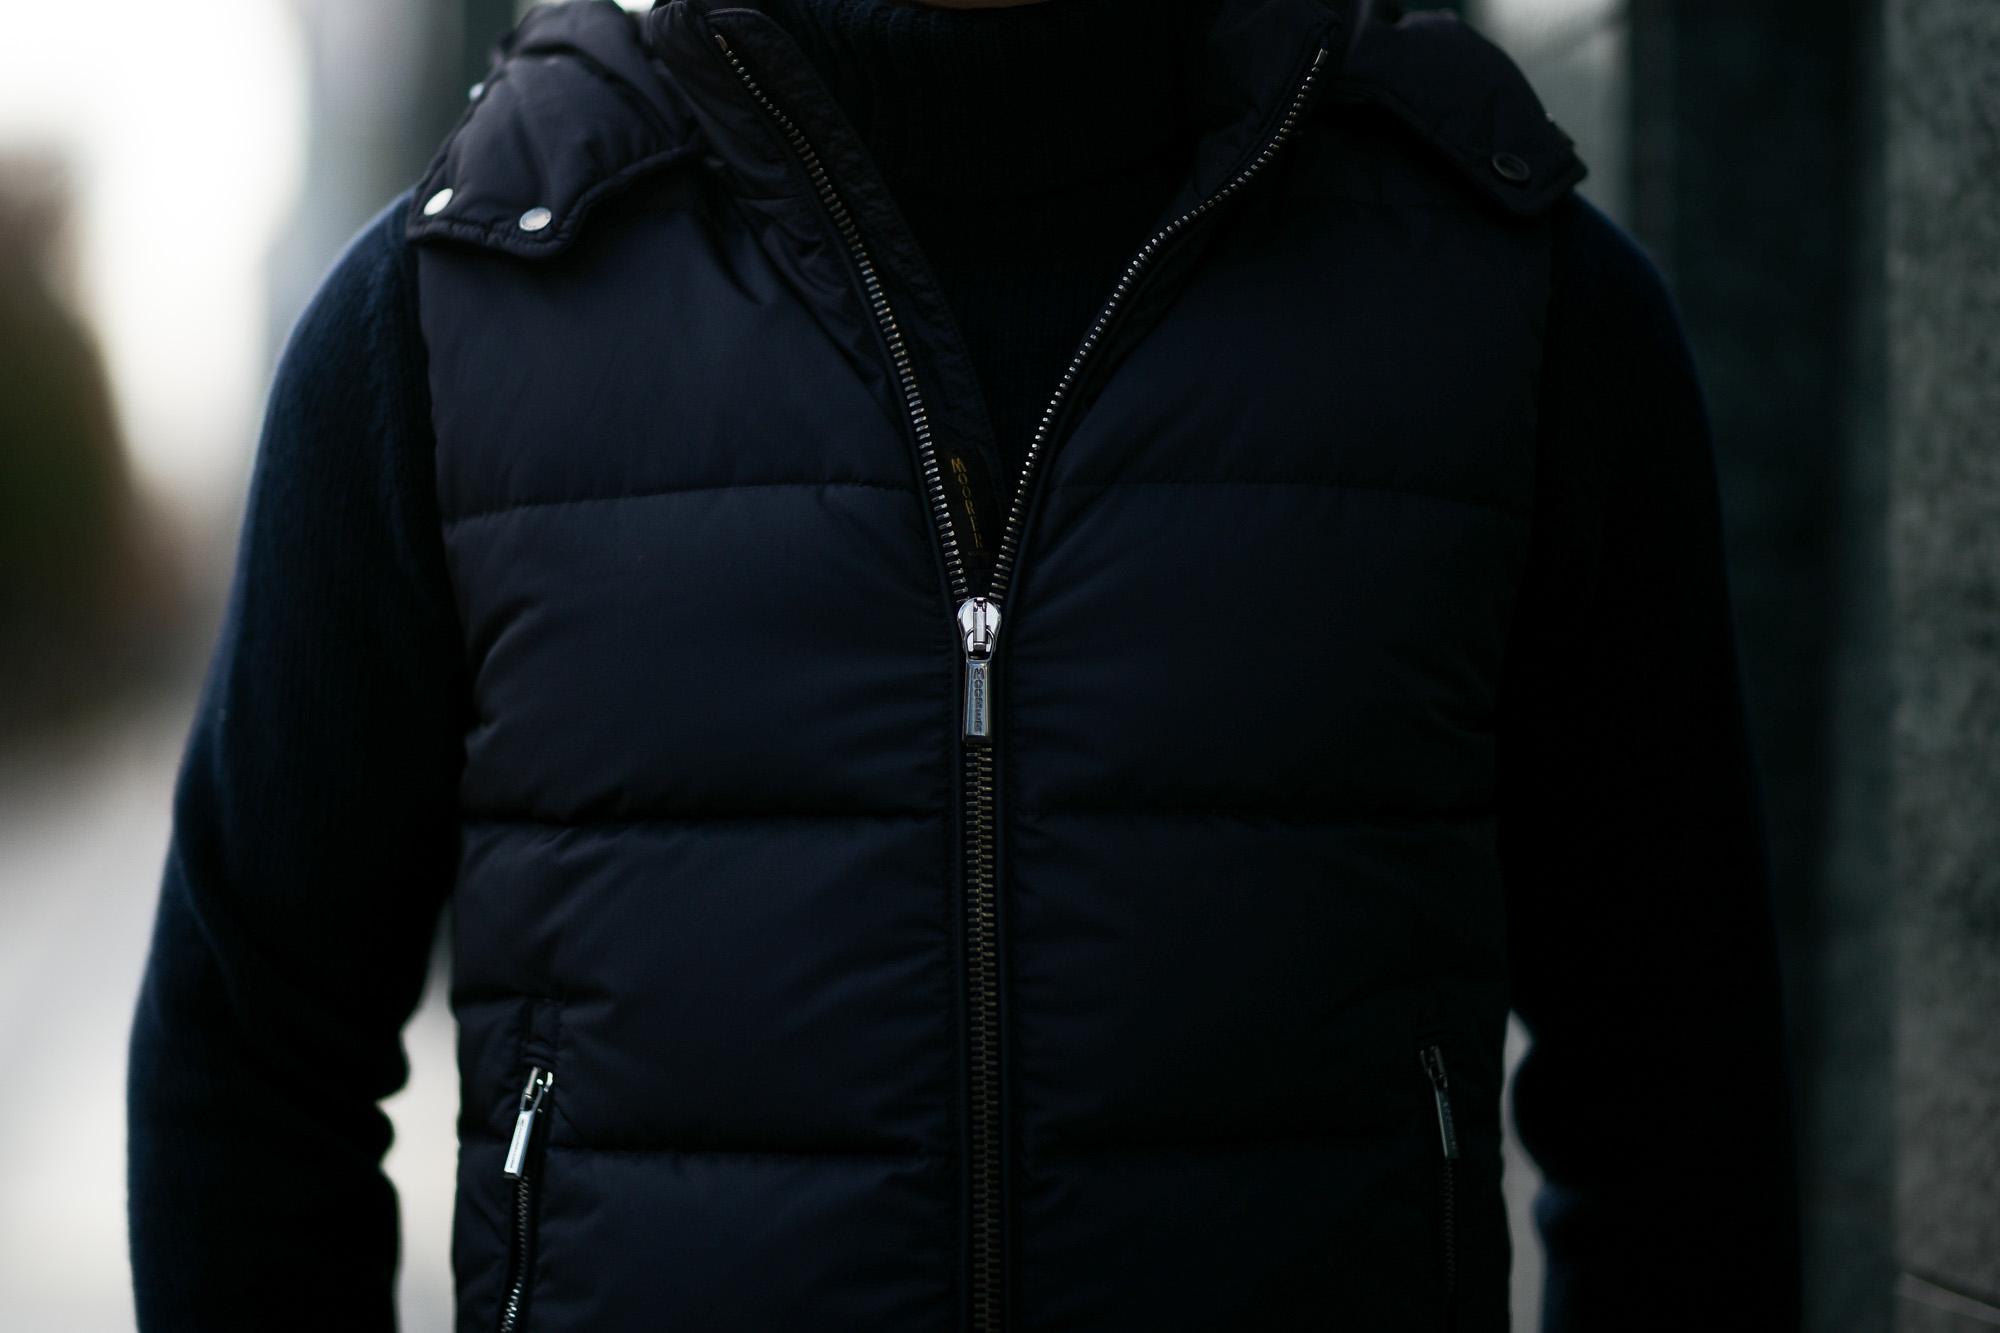 MOORER (ムーレー) FAYER-KM (フェイヤー) ナイロン ダウン ベスト VISONE (ベージュ・32) , MARMOTIA(ブラウン・33) , NERO(ブラック・08) Made in italy (イタリア製)【2019 秋冬分 ご予約受付中】 愛知 名古屋 altoediritto アルトエデリット ダウンジャケット